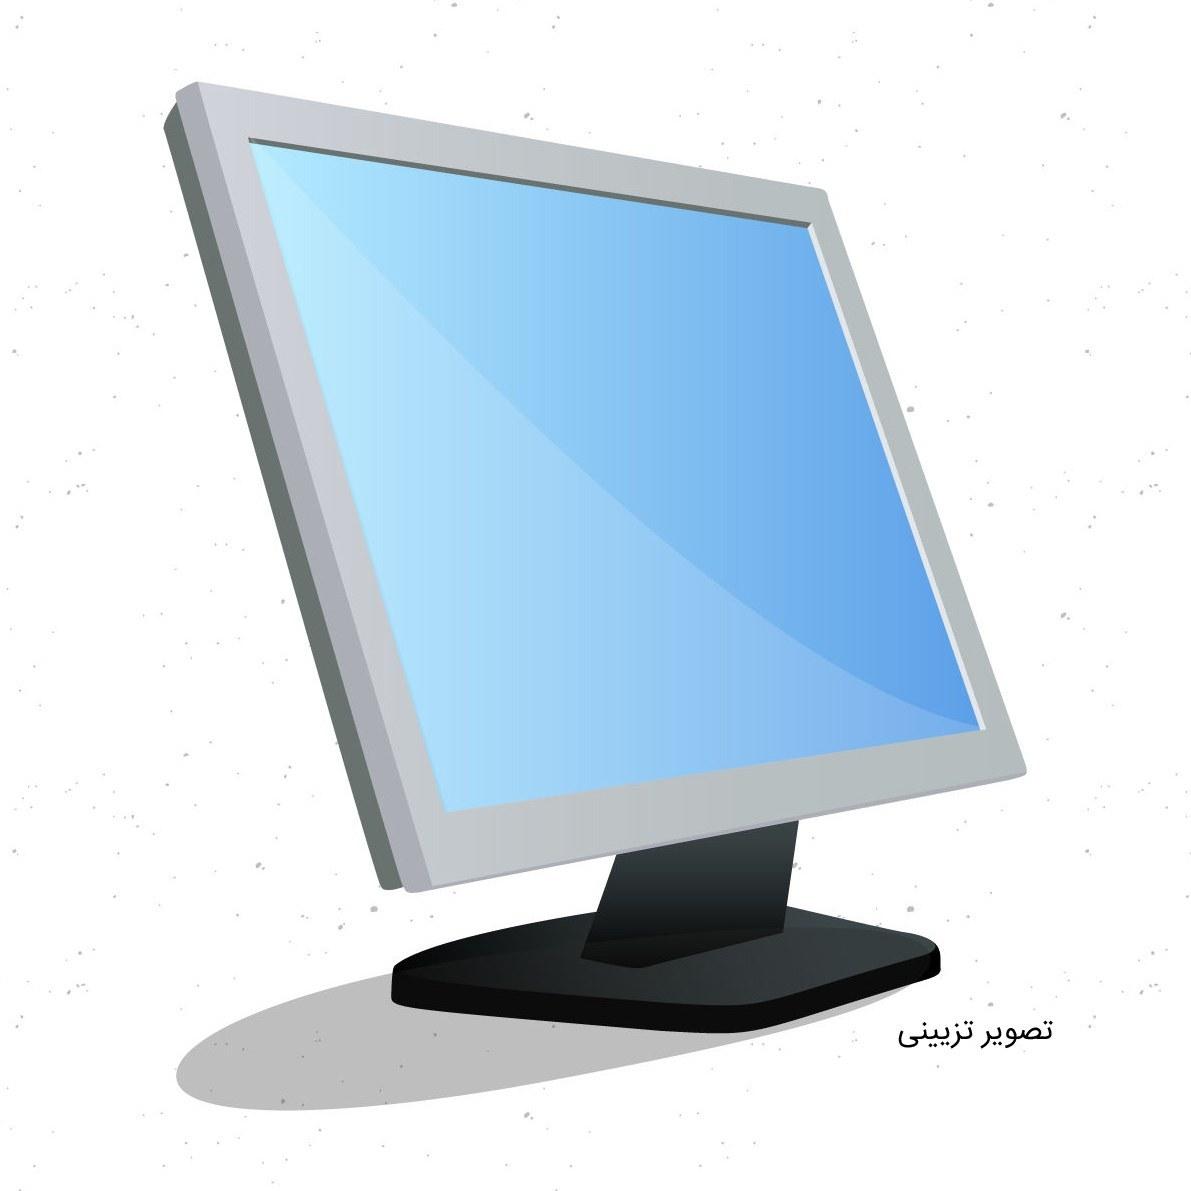 تصویر مانیتور LED سایز 22 اینچ مدل Acer V226WL